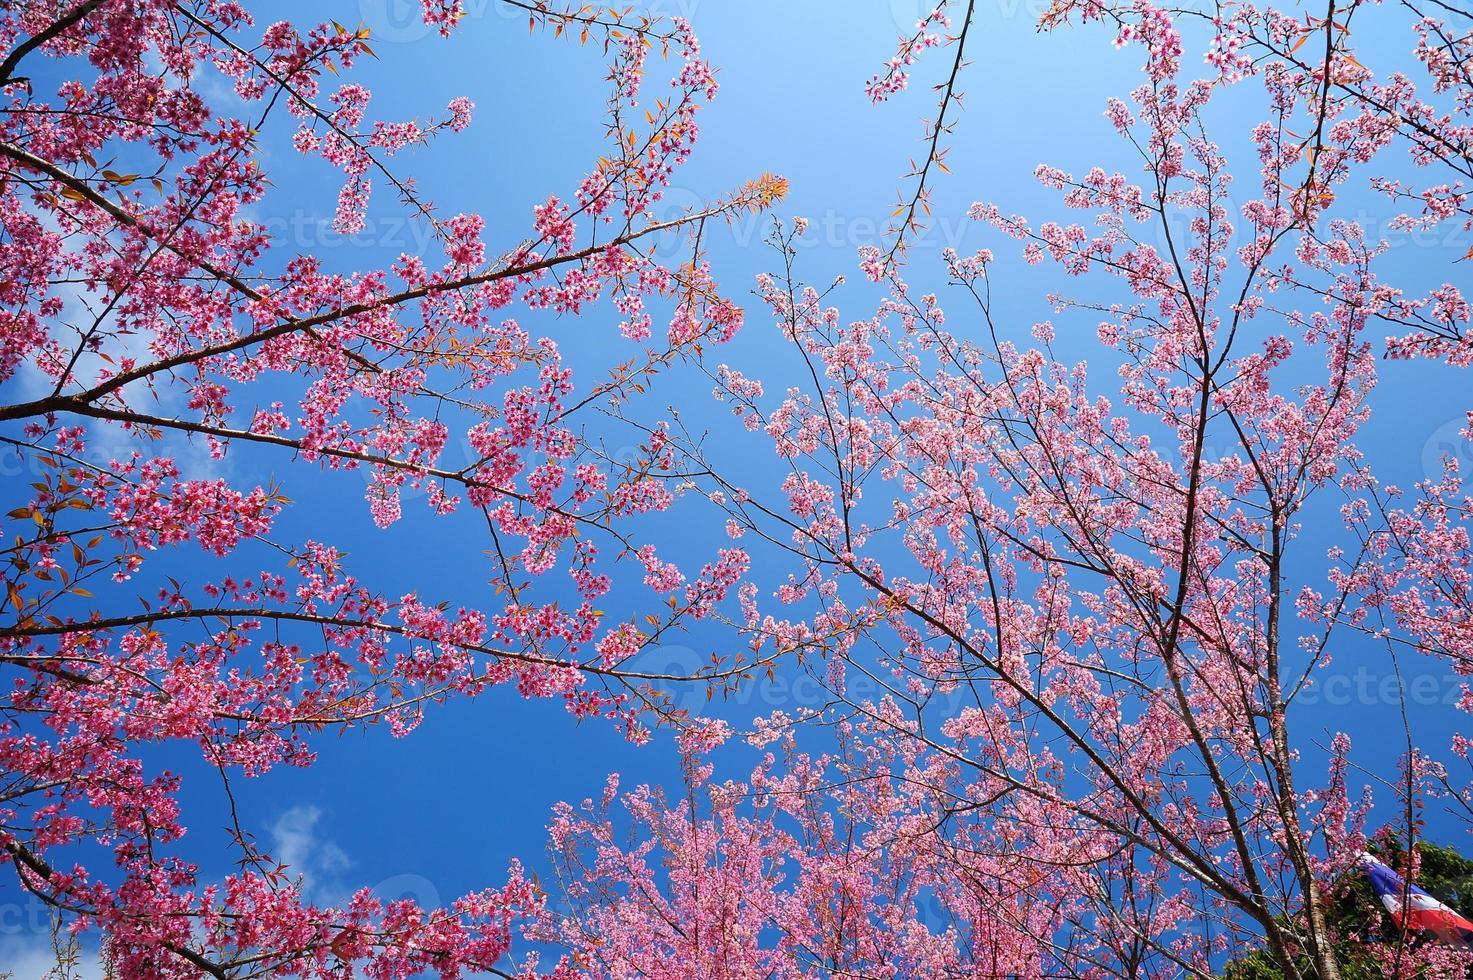 fiori di ciliegio primaverili con sfondo blu del cielo foto